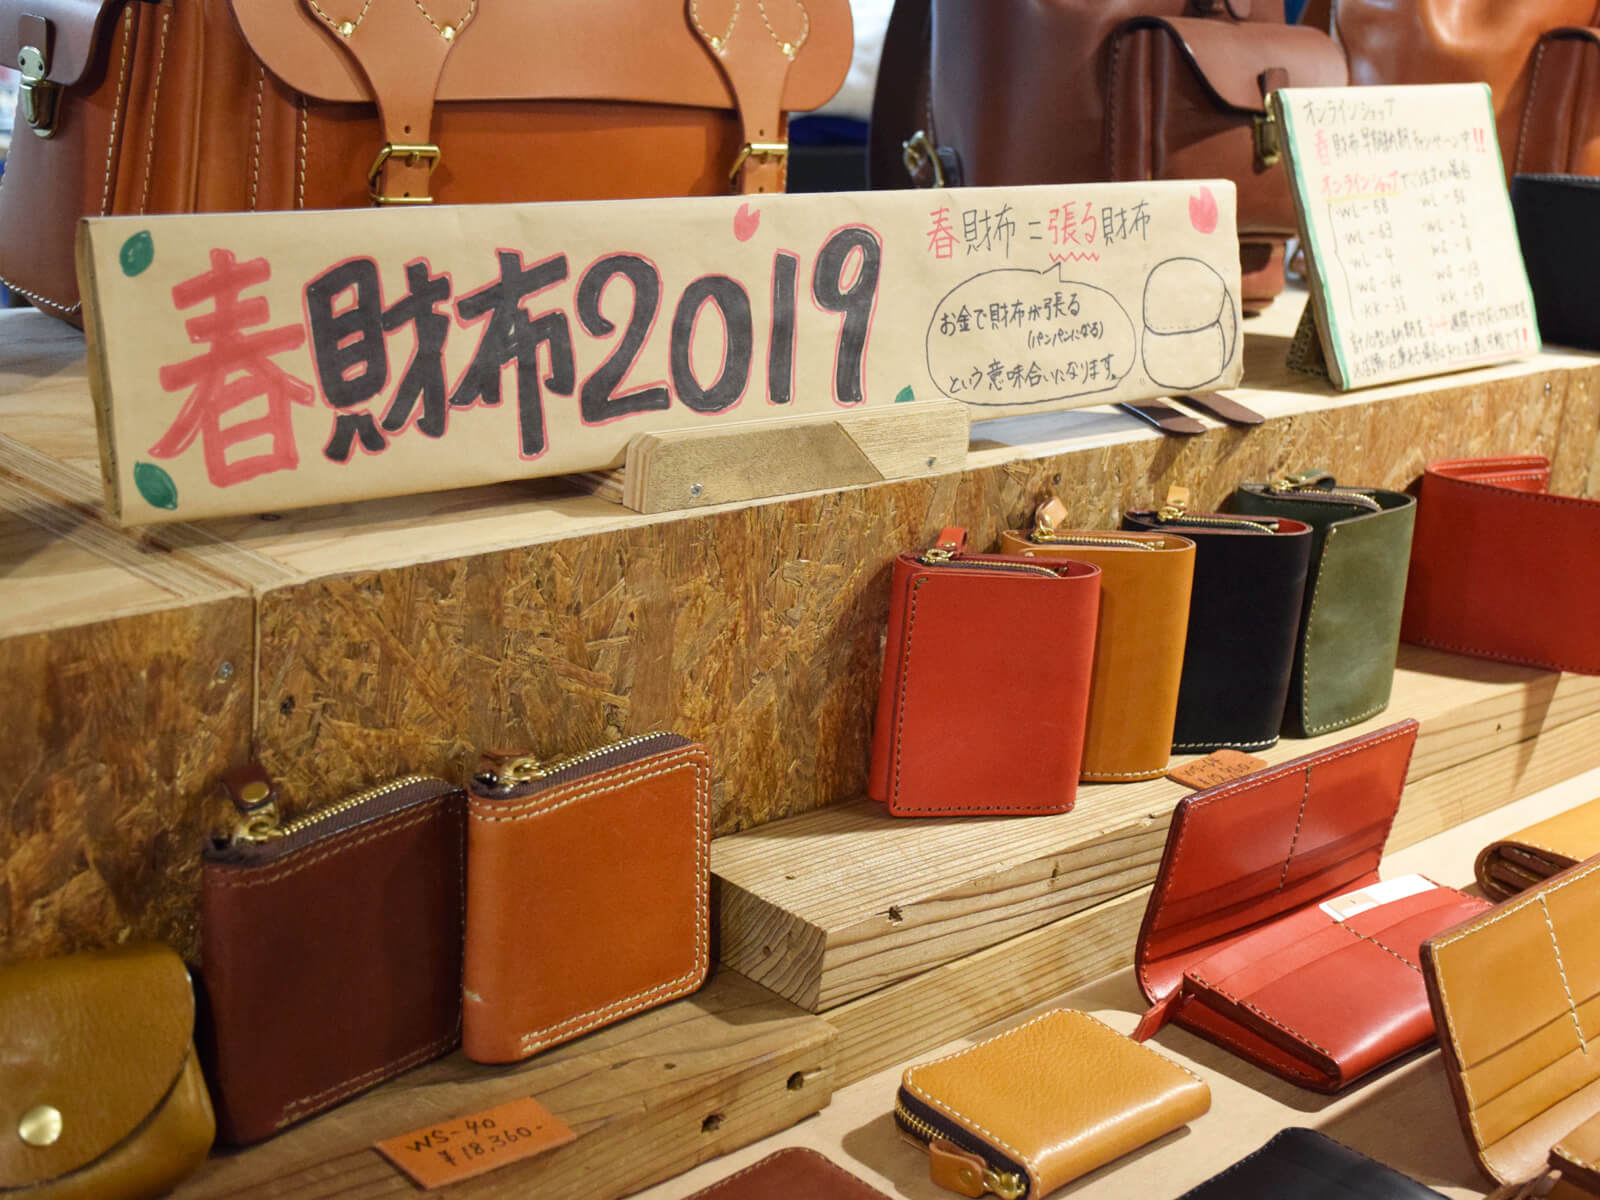 春財布2019 名古屋店ピックアップアイテム vol.2